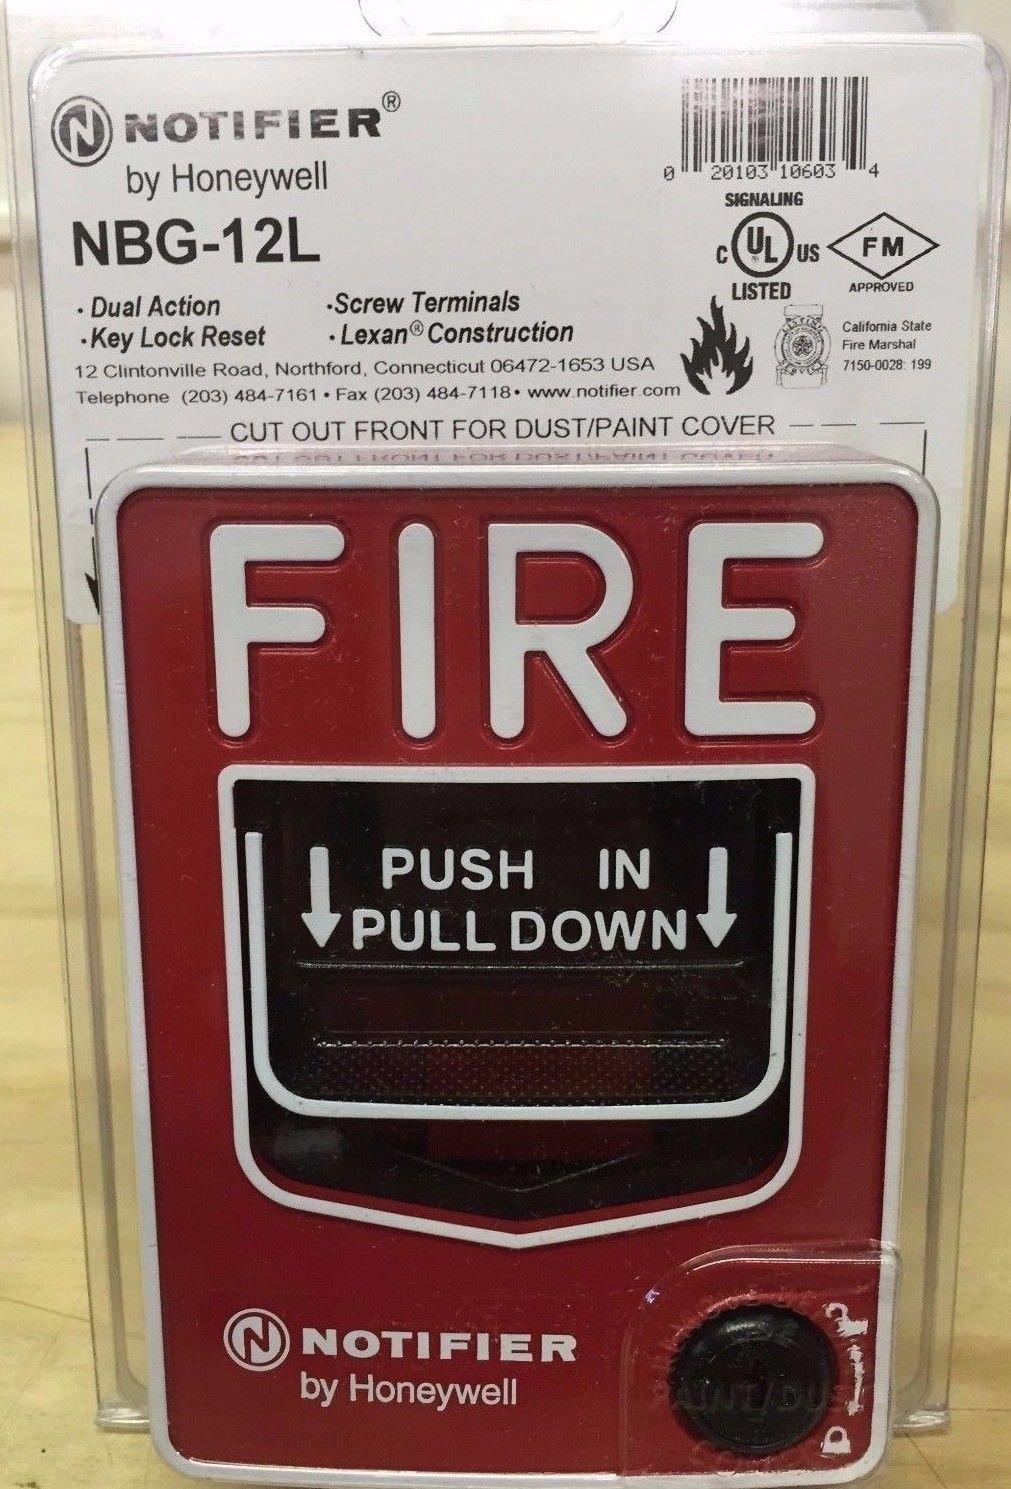 Notificador nbg-12l doble acción Pull estación w/Key Lock: Amazon.es: Bricolaje y herramientas